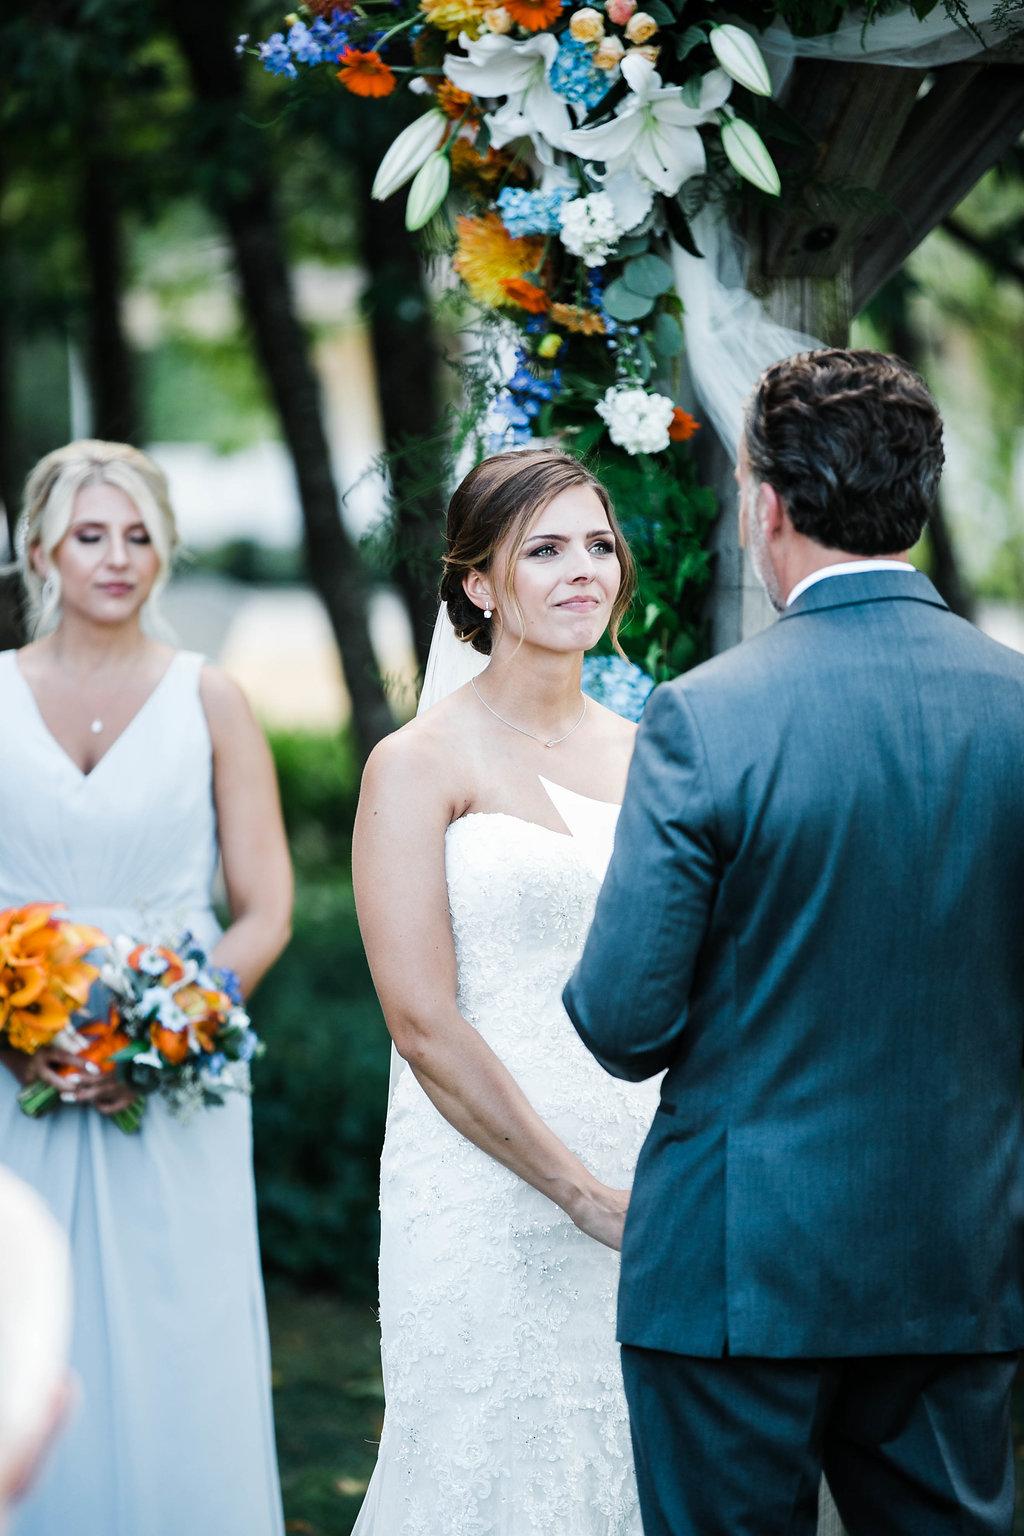 Erin+Tyson_The_Kelley_Farm_Wedding_by_Adina_Preston_Weddings_662.JPG